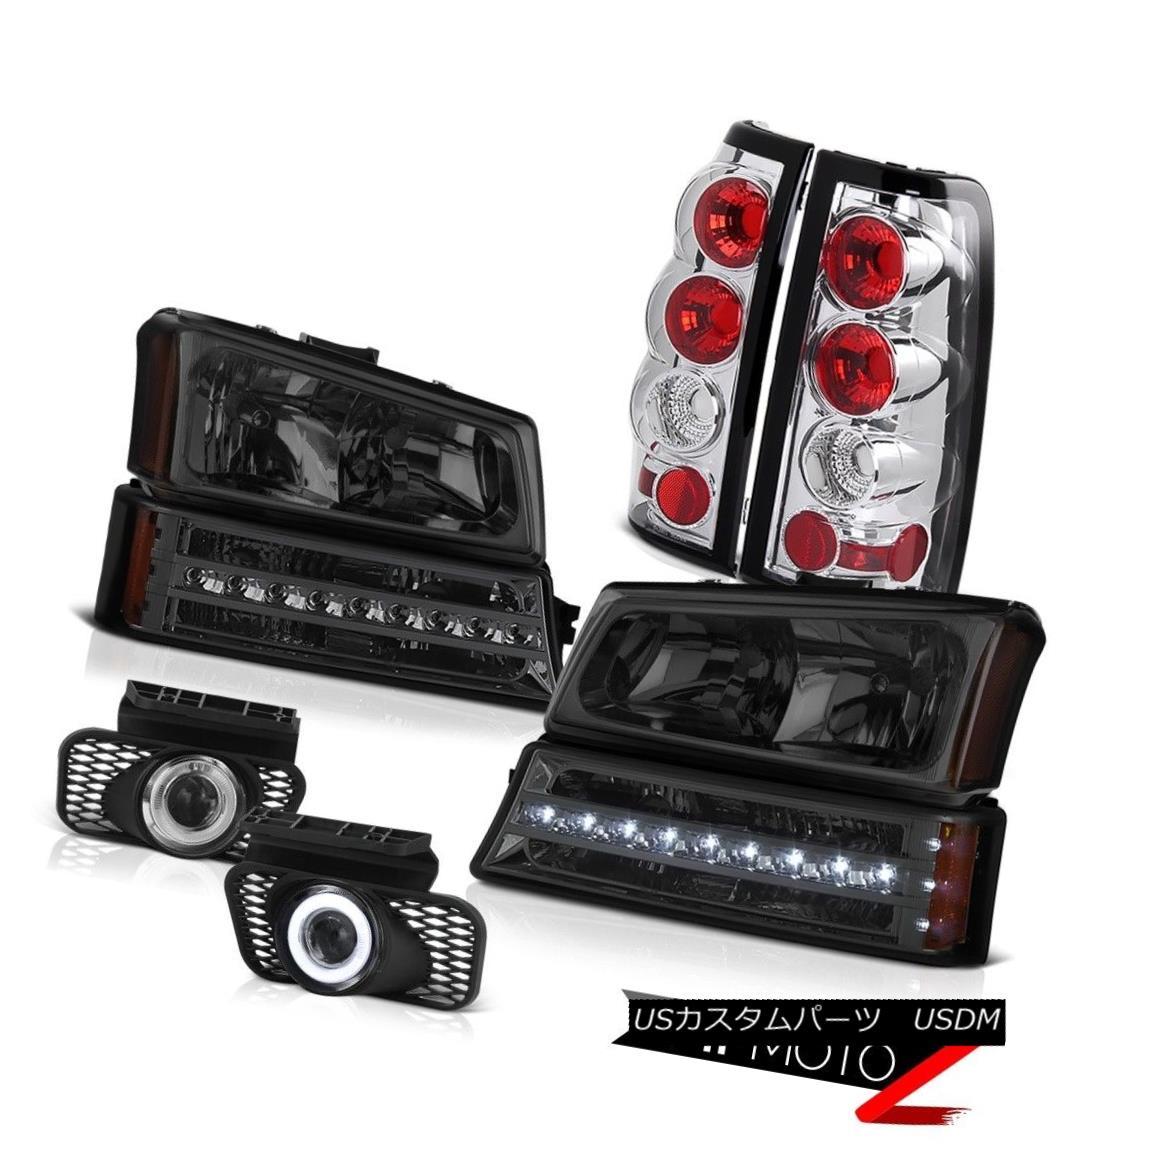 ヘッドライト 03-06 Silverado 3500HD Foglamps taillights phantom smoke bumper light headlights 03-06 Silverado 3500HDフォグランプテールライトファントムスモークバンパーライトヘッドライト